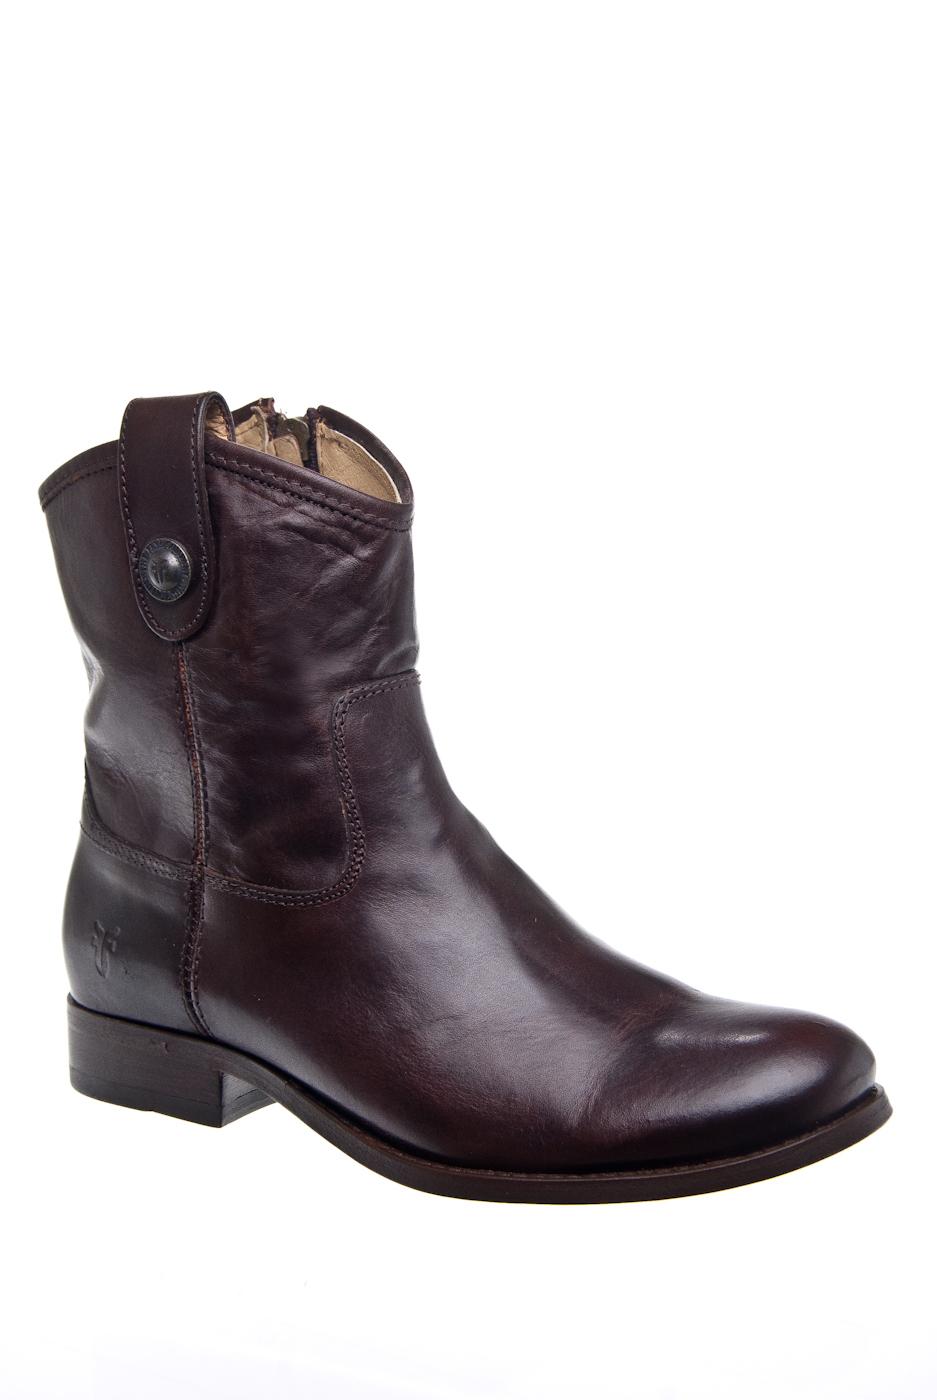 Frye Melissa Button Shortie 77897 Booties - Dark Brown